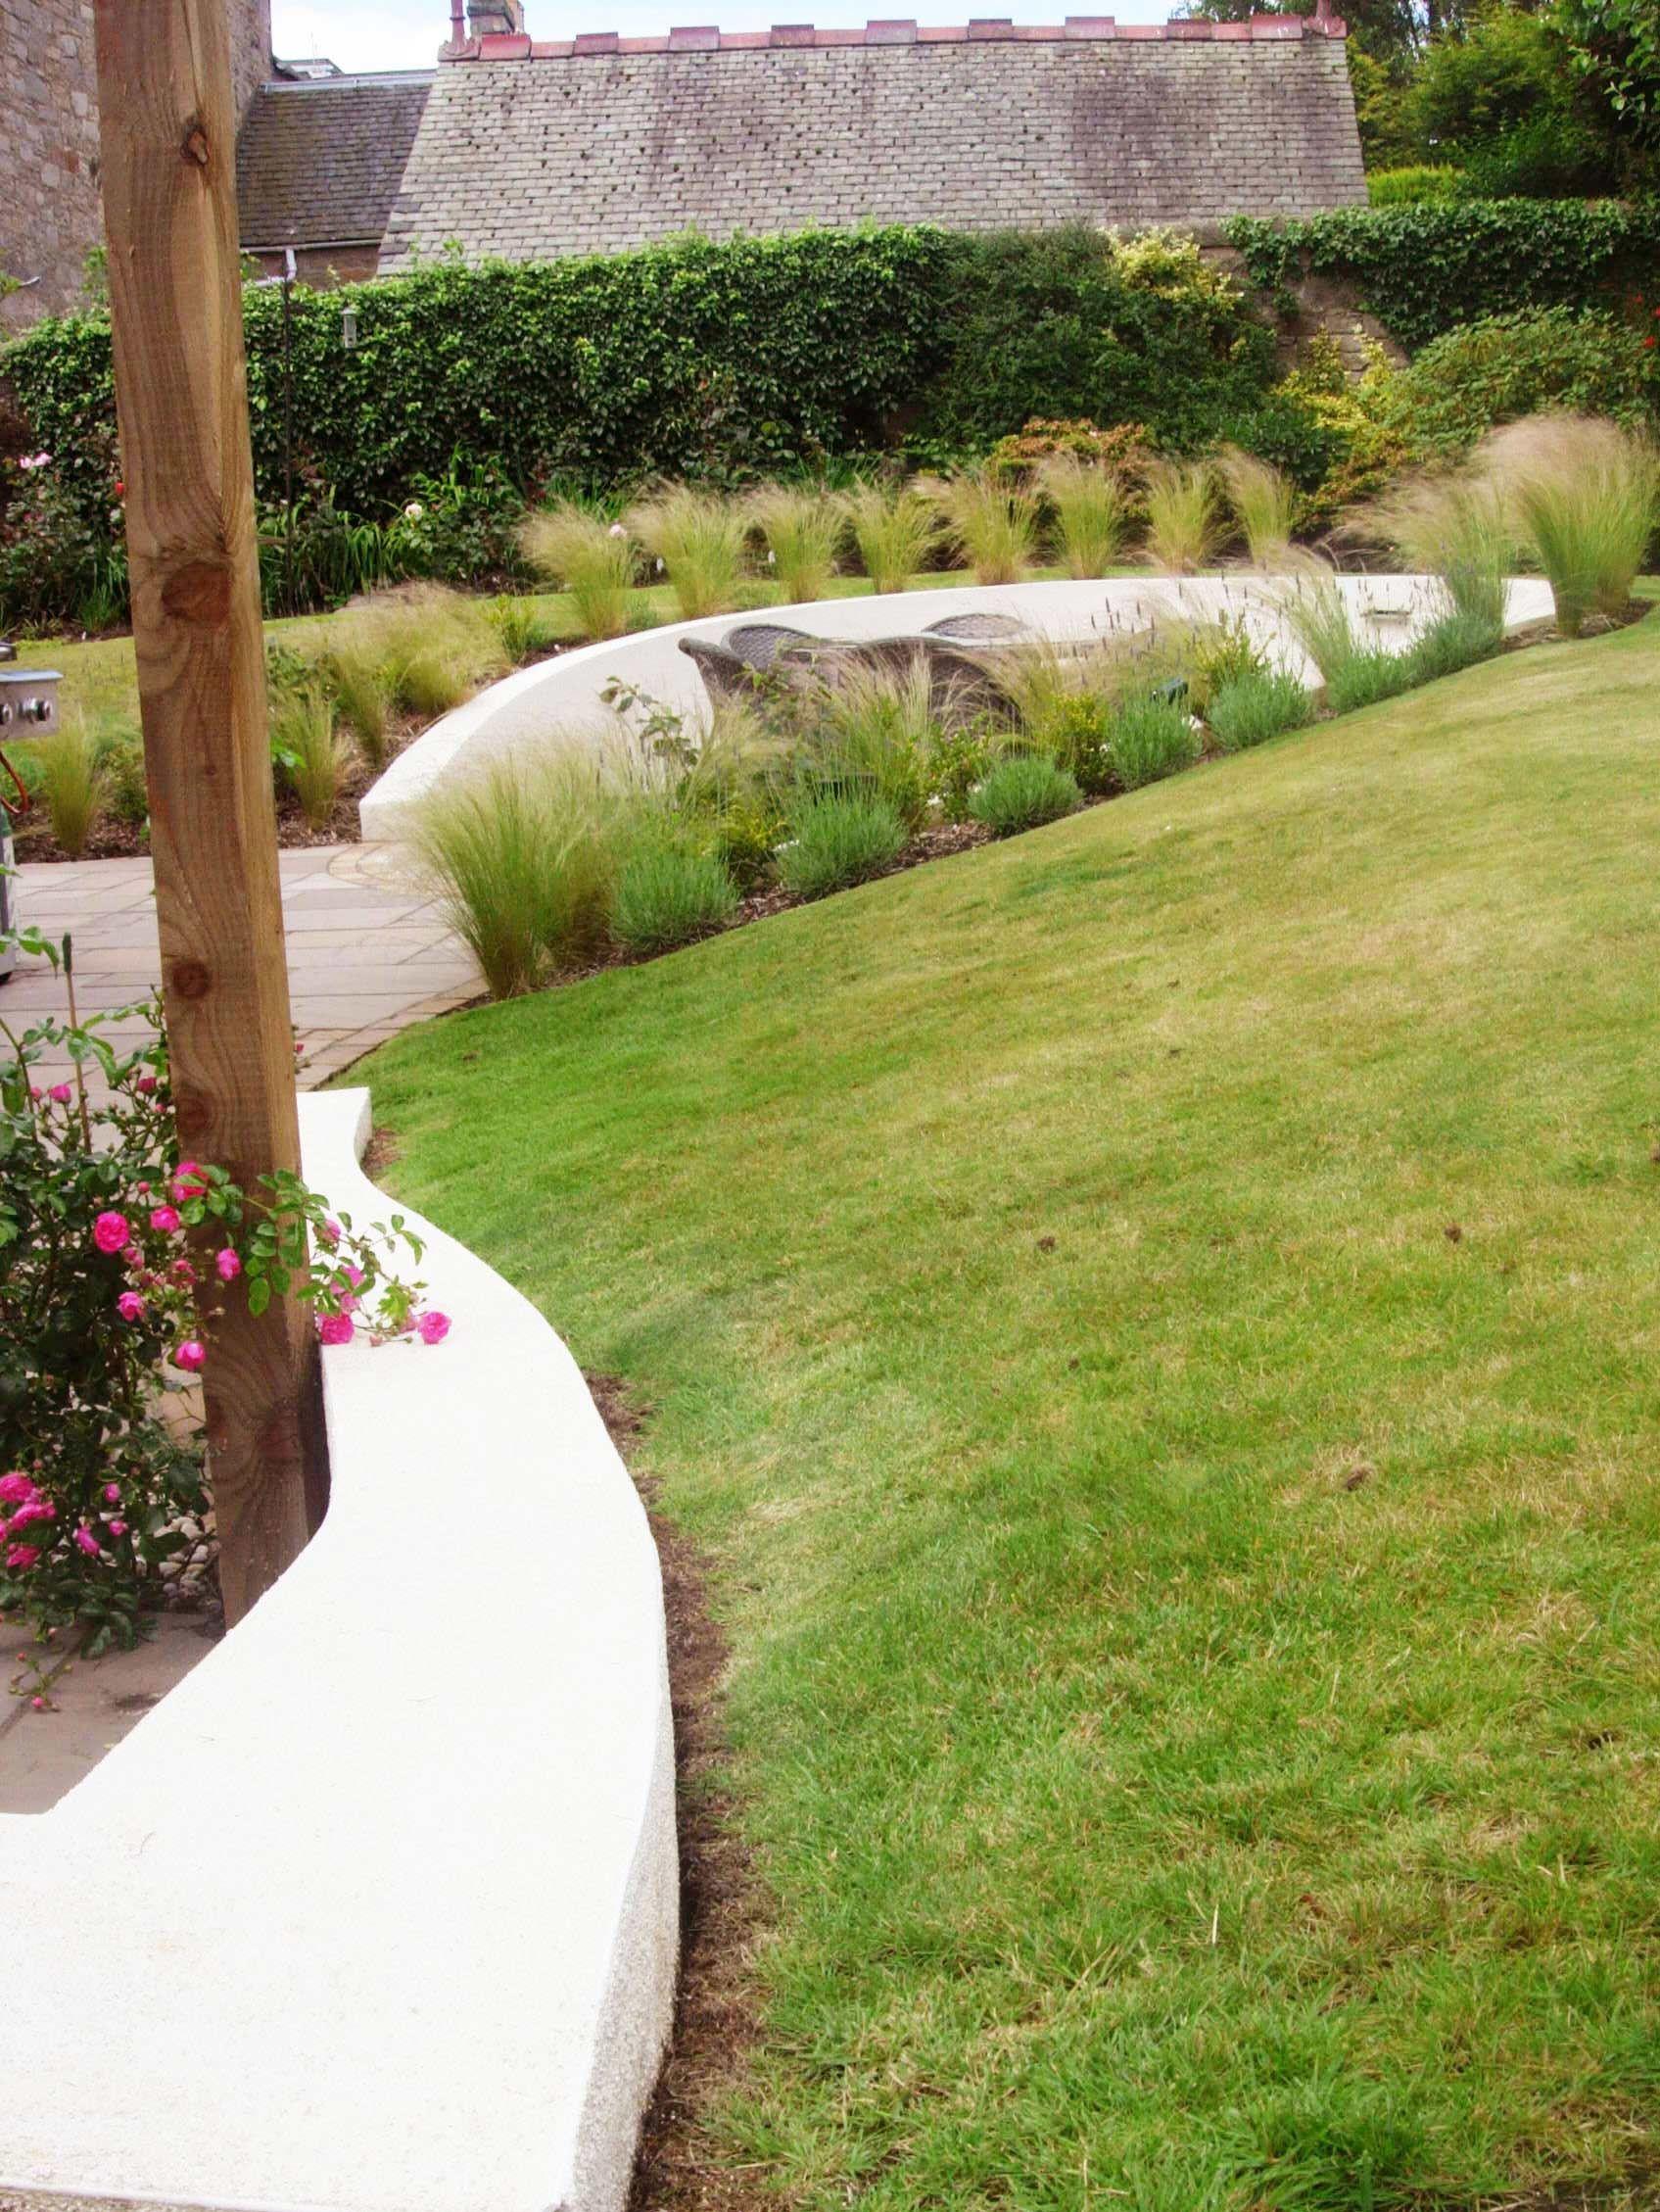 motif garden design edinburgh circular patio within grasses